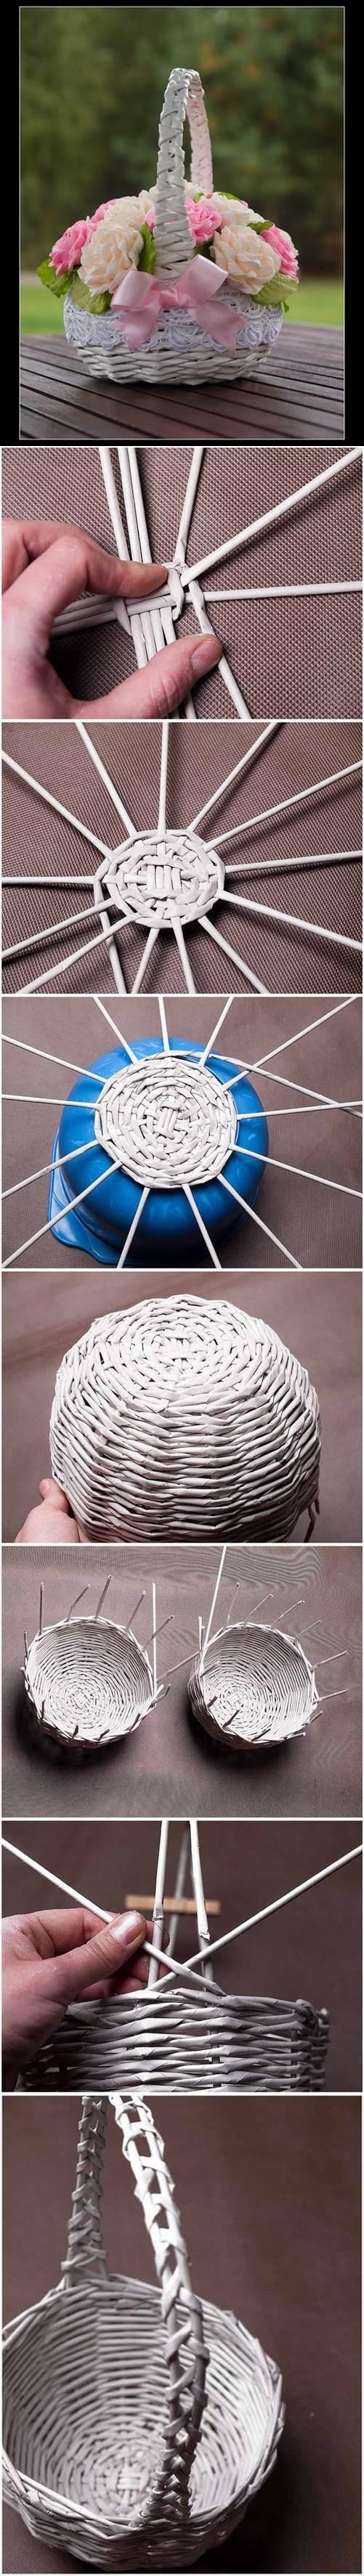 DIY Newspaper Tubes Weaving Basket 2